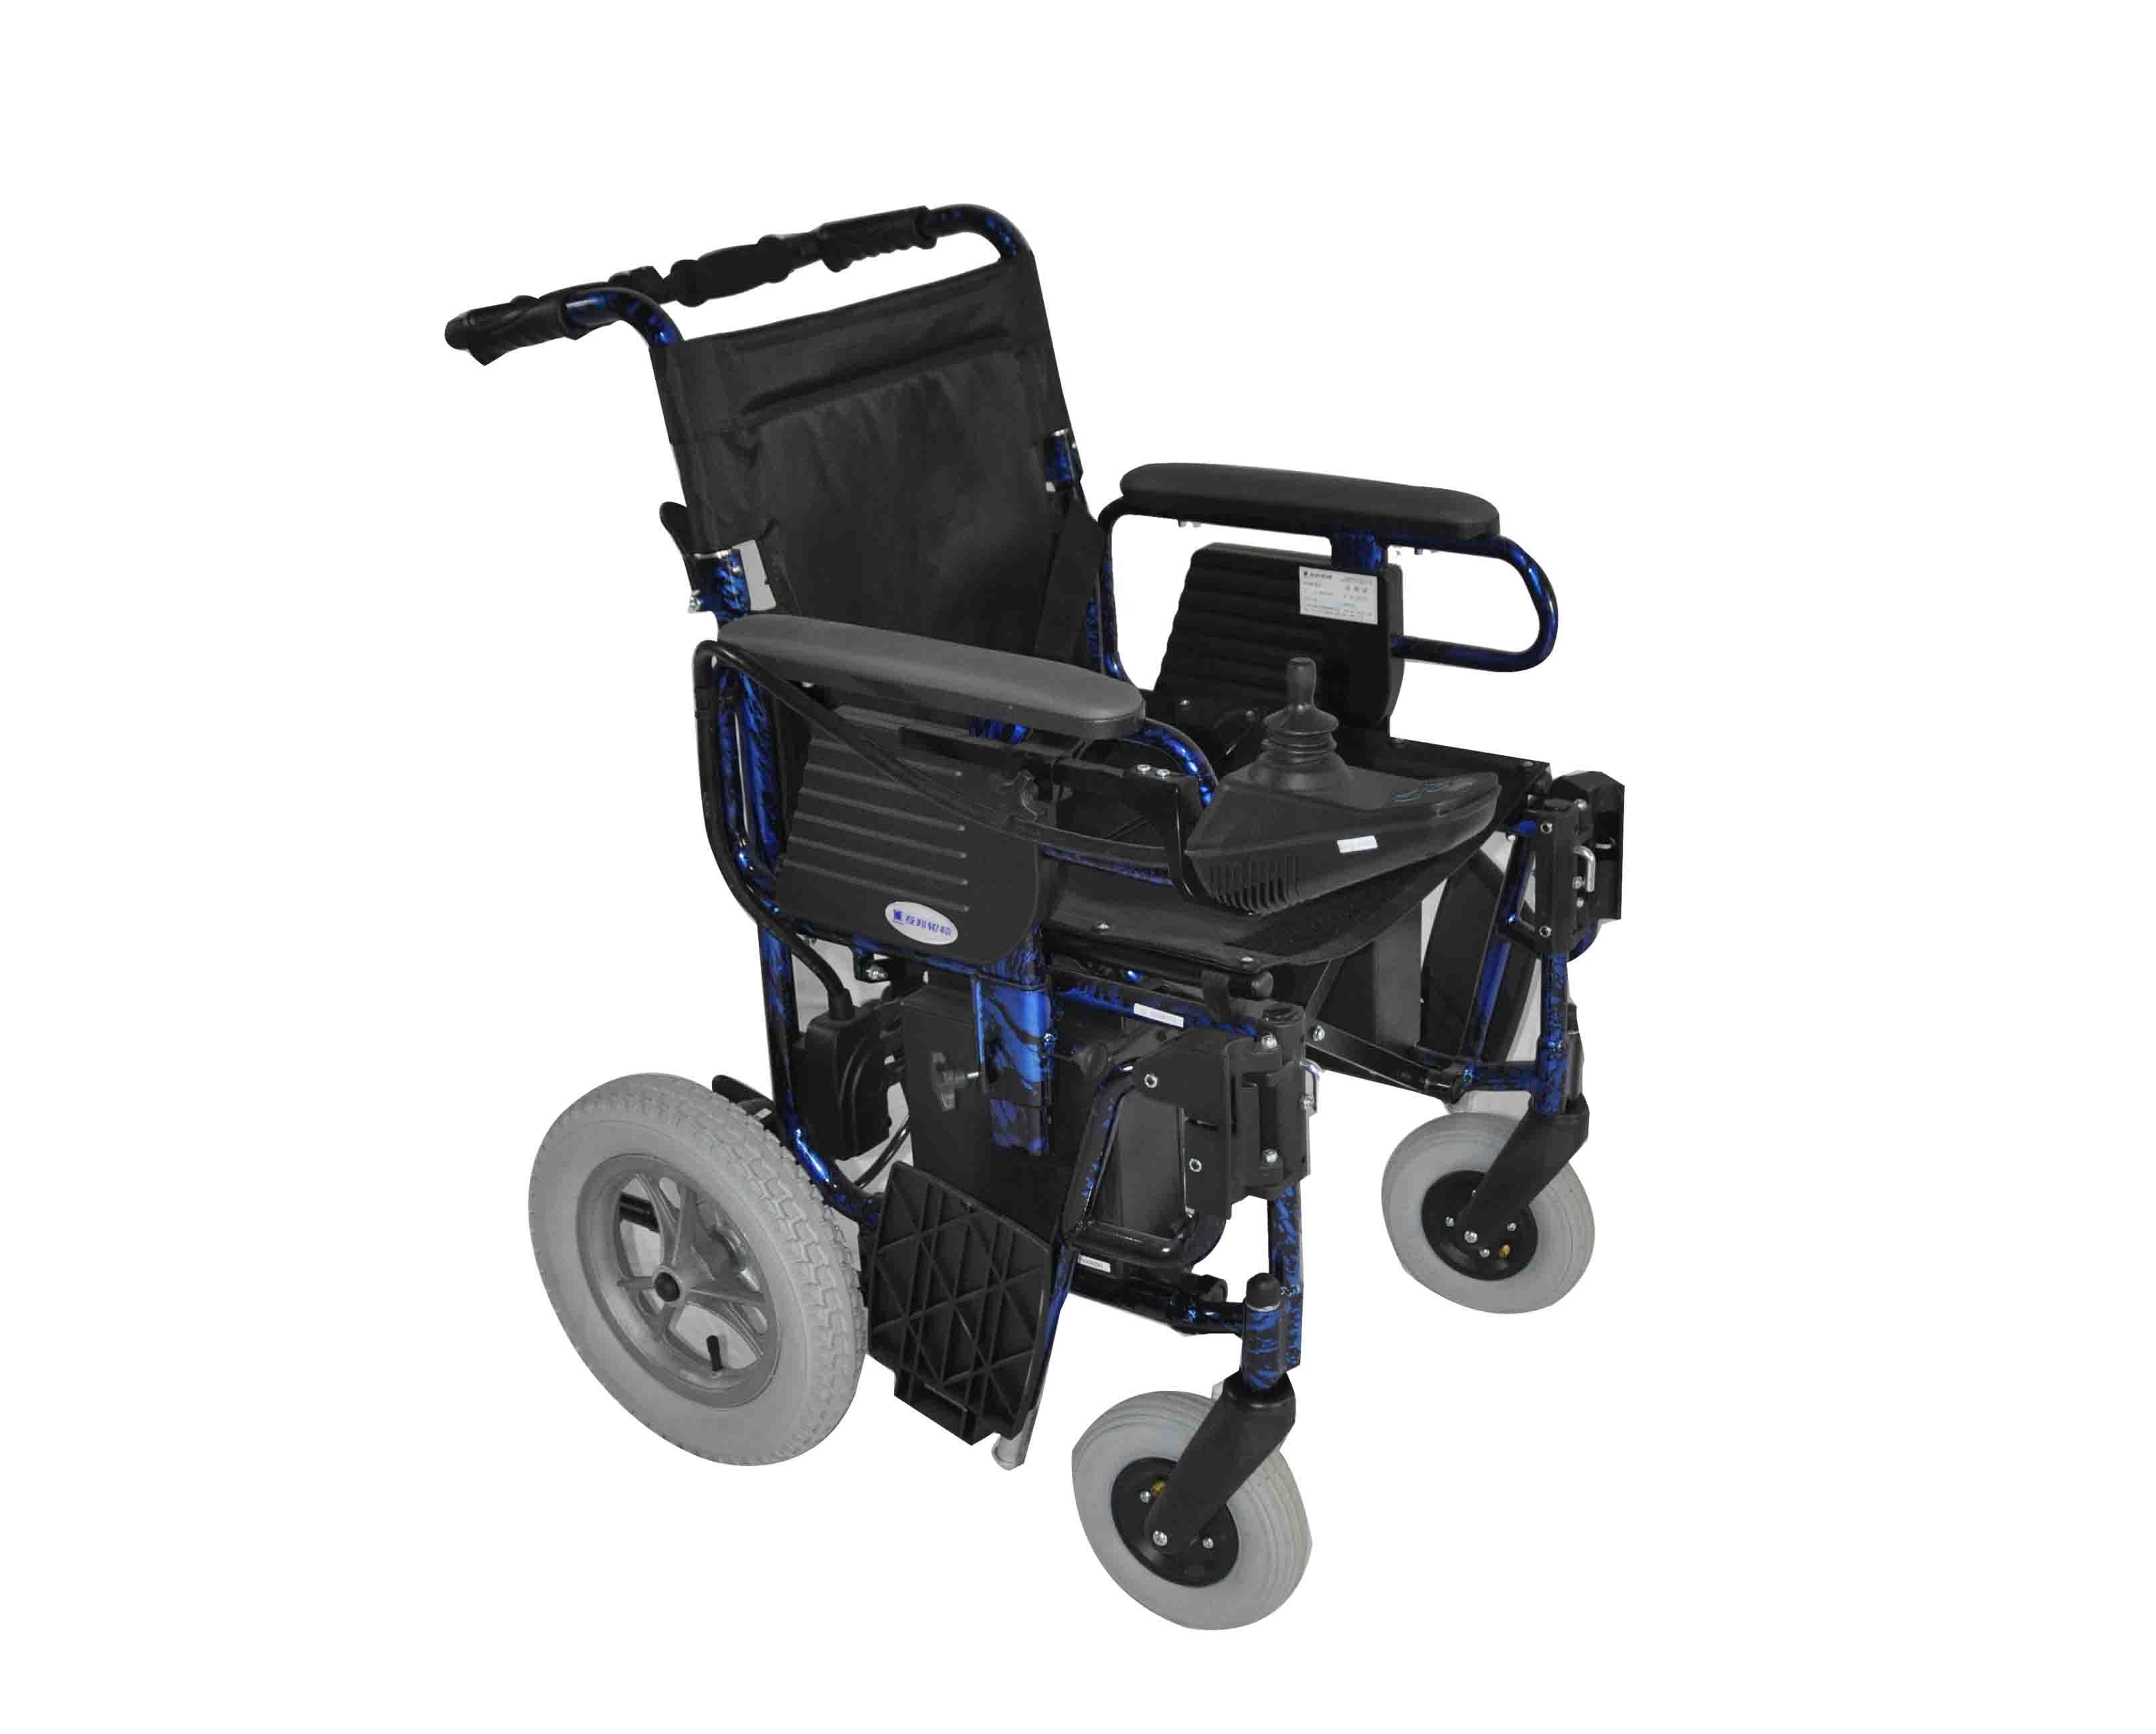 山东具有性价比的电动轮椅品牌——山西电动轮椅